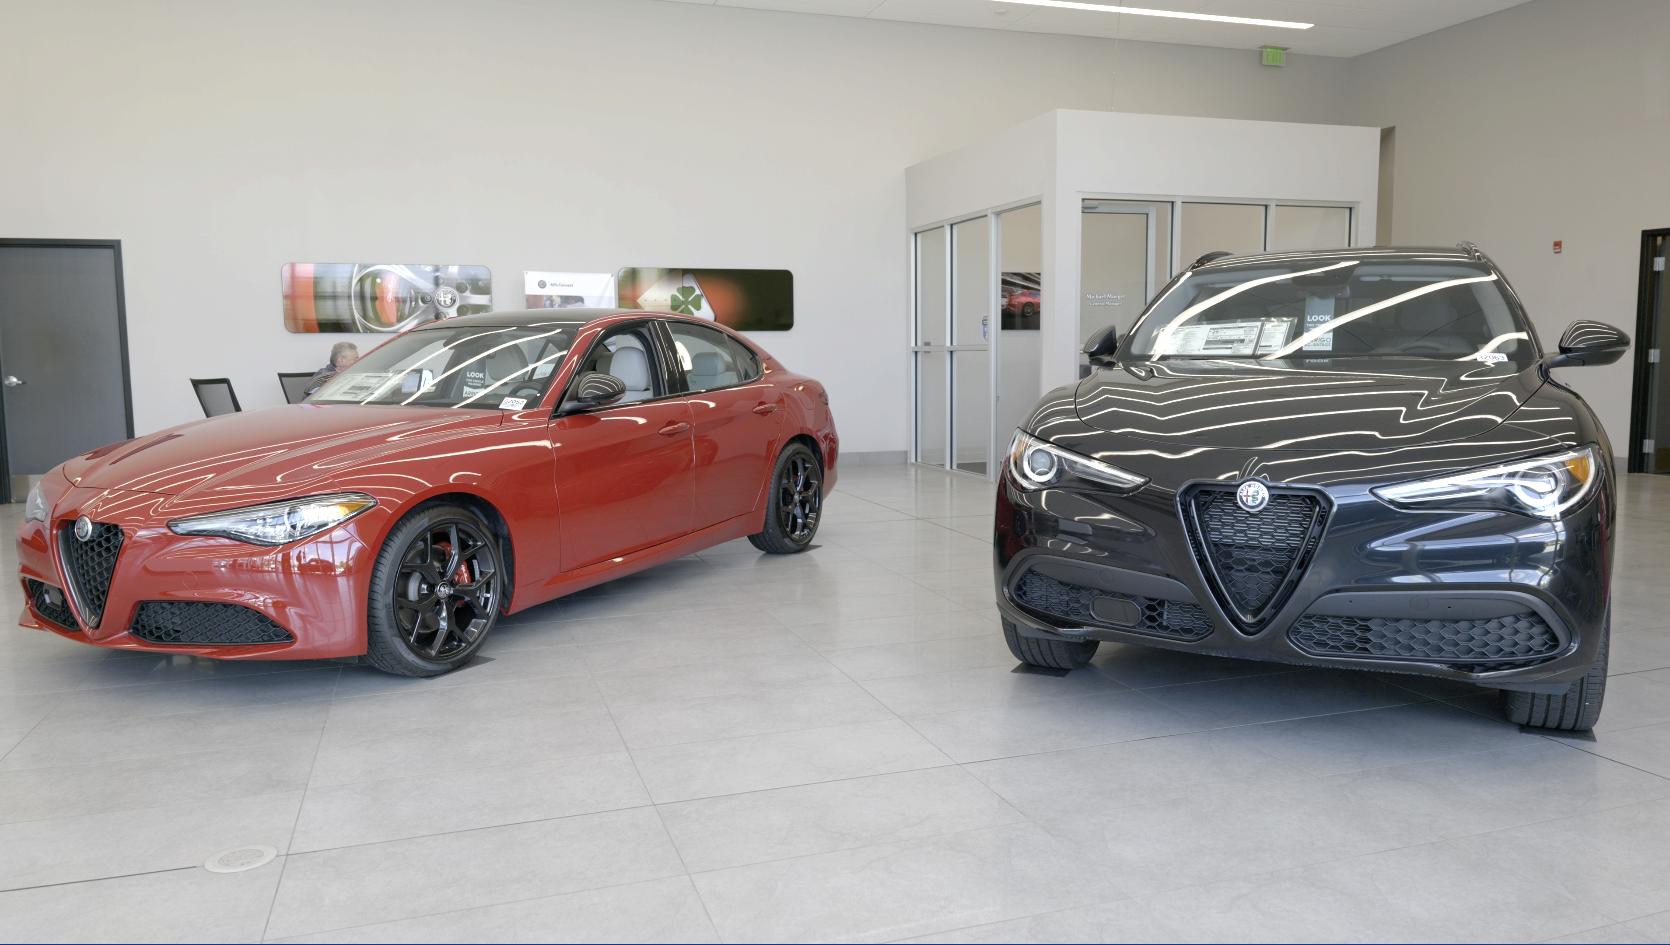 Arrigo Alfa Romeo of West Palm Beach